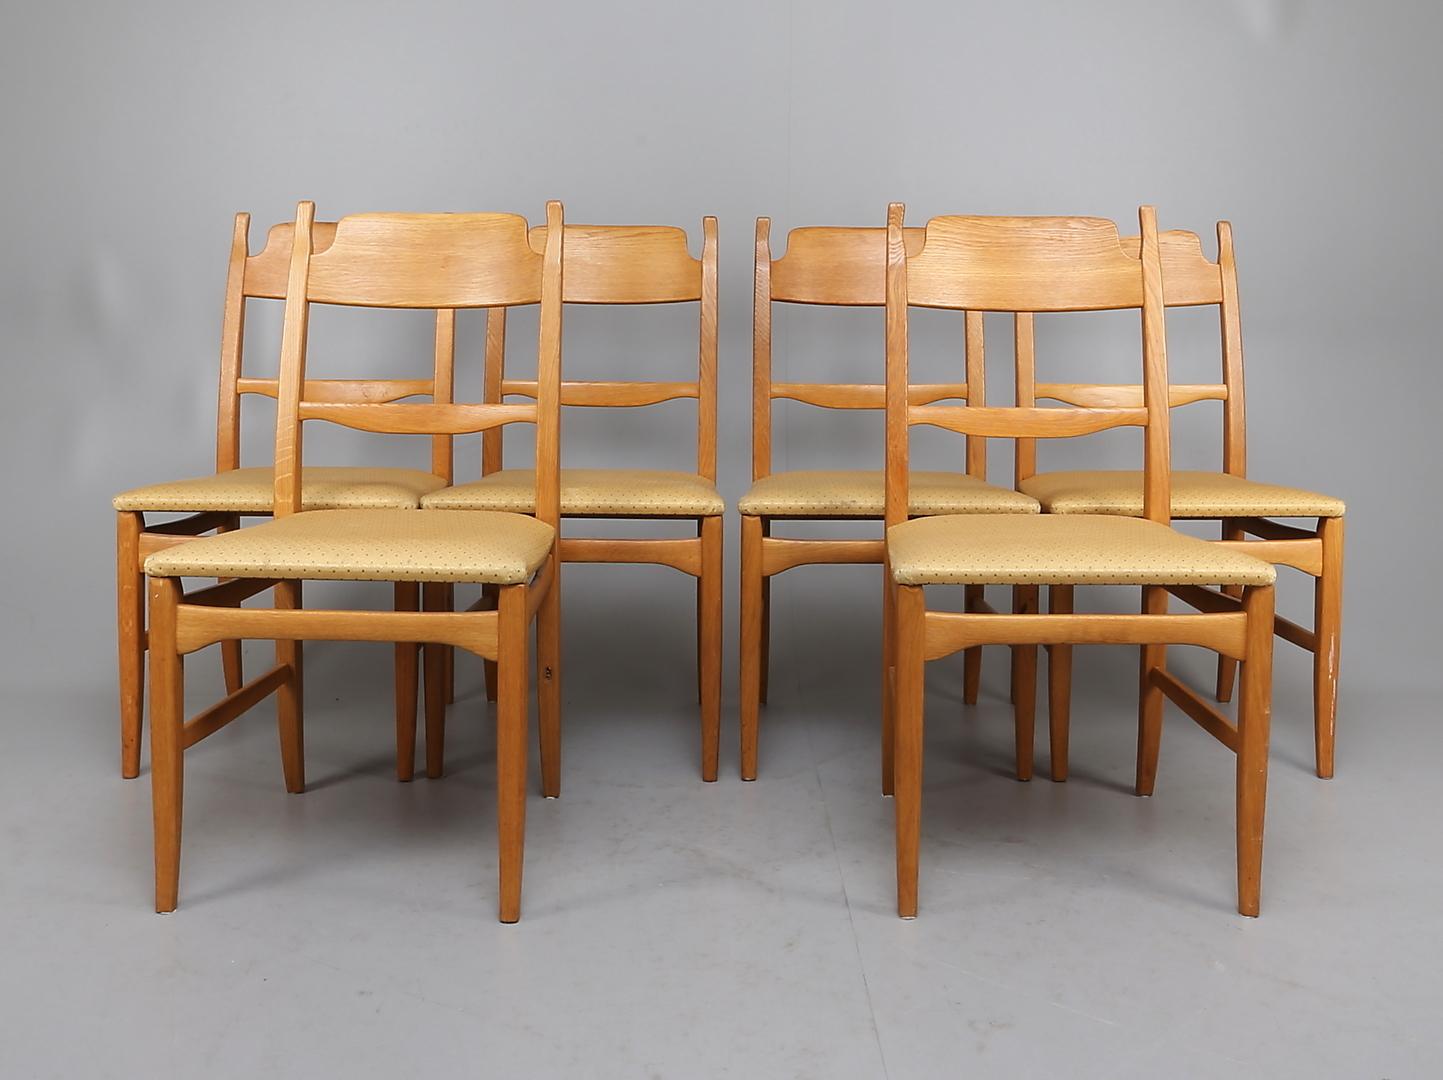 """Bilder för 308199 CARL MALMSTEN Stolar, 6 st,""""Calmare nyckel"""",åfors Möbelfabrik Auctionet"""